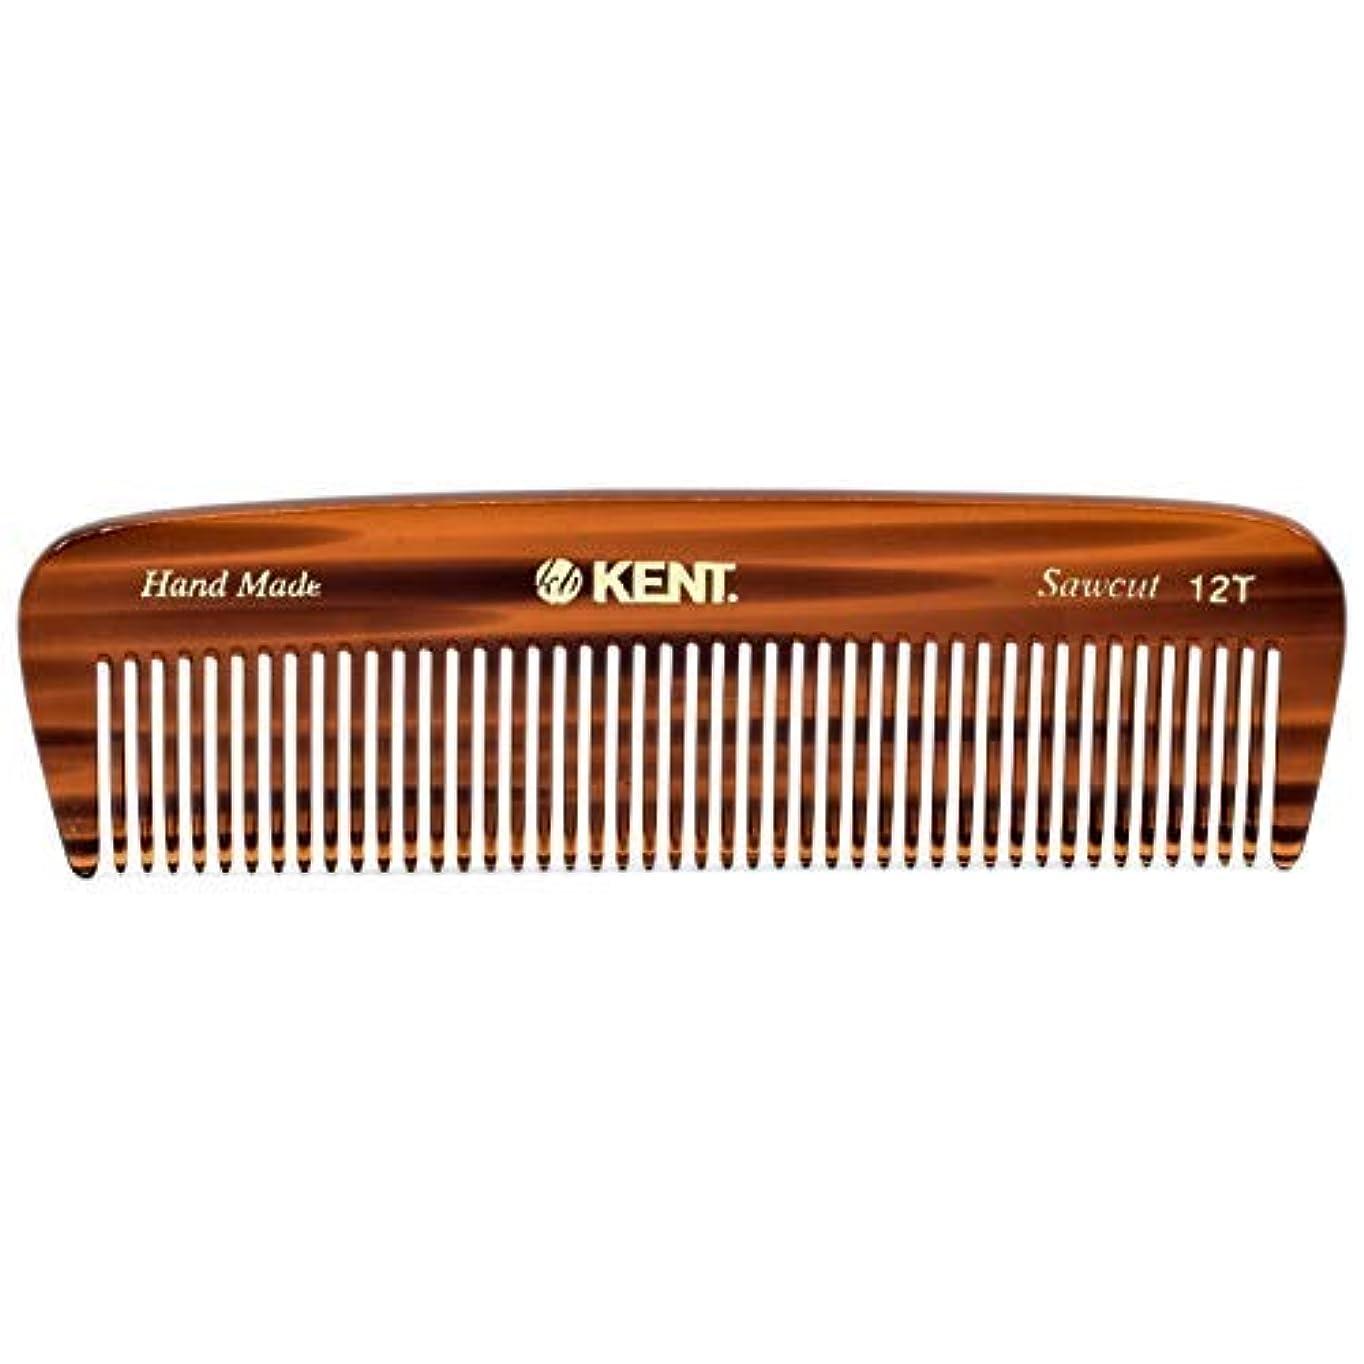 モーション偏差斧Kent 12T Handmade Medium Size Teeth for Thick/Coarse Hair Comb for Men/Women - For Grooming, Styling, and Detangling...